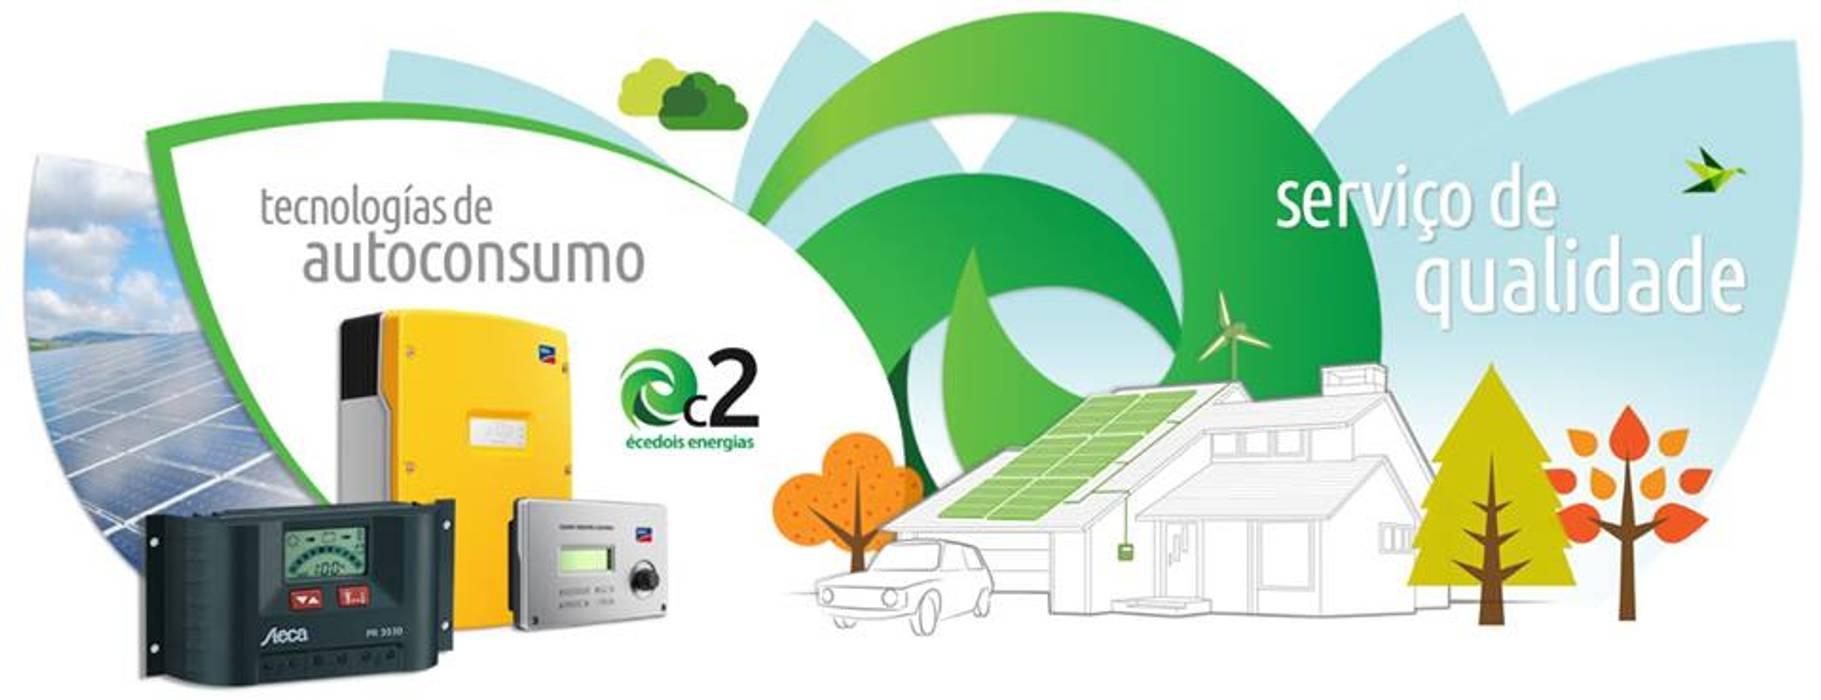 EC2+Energias Offices & stores